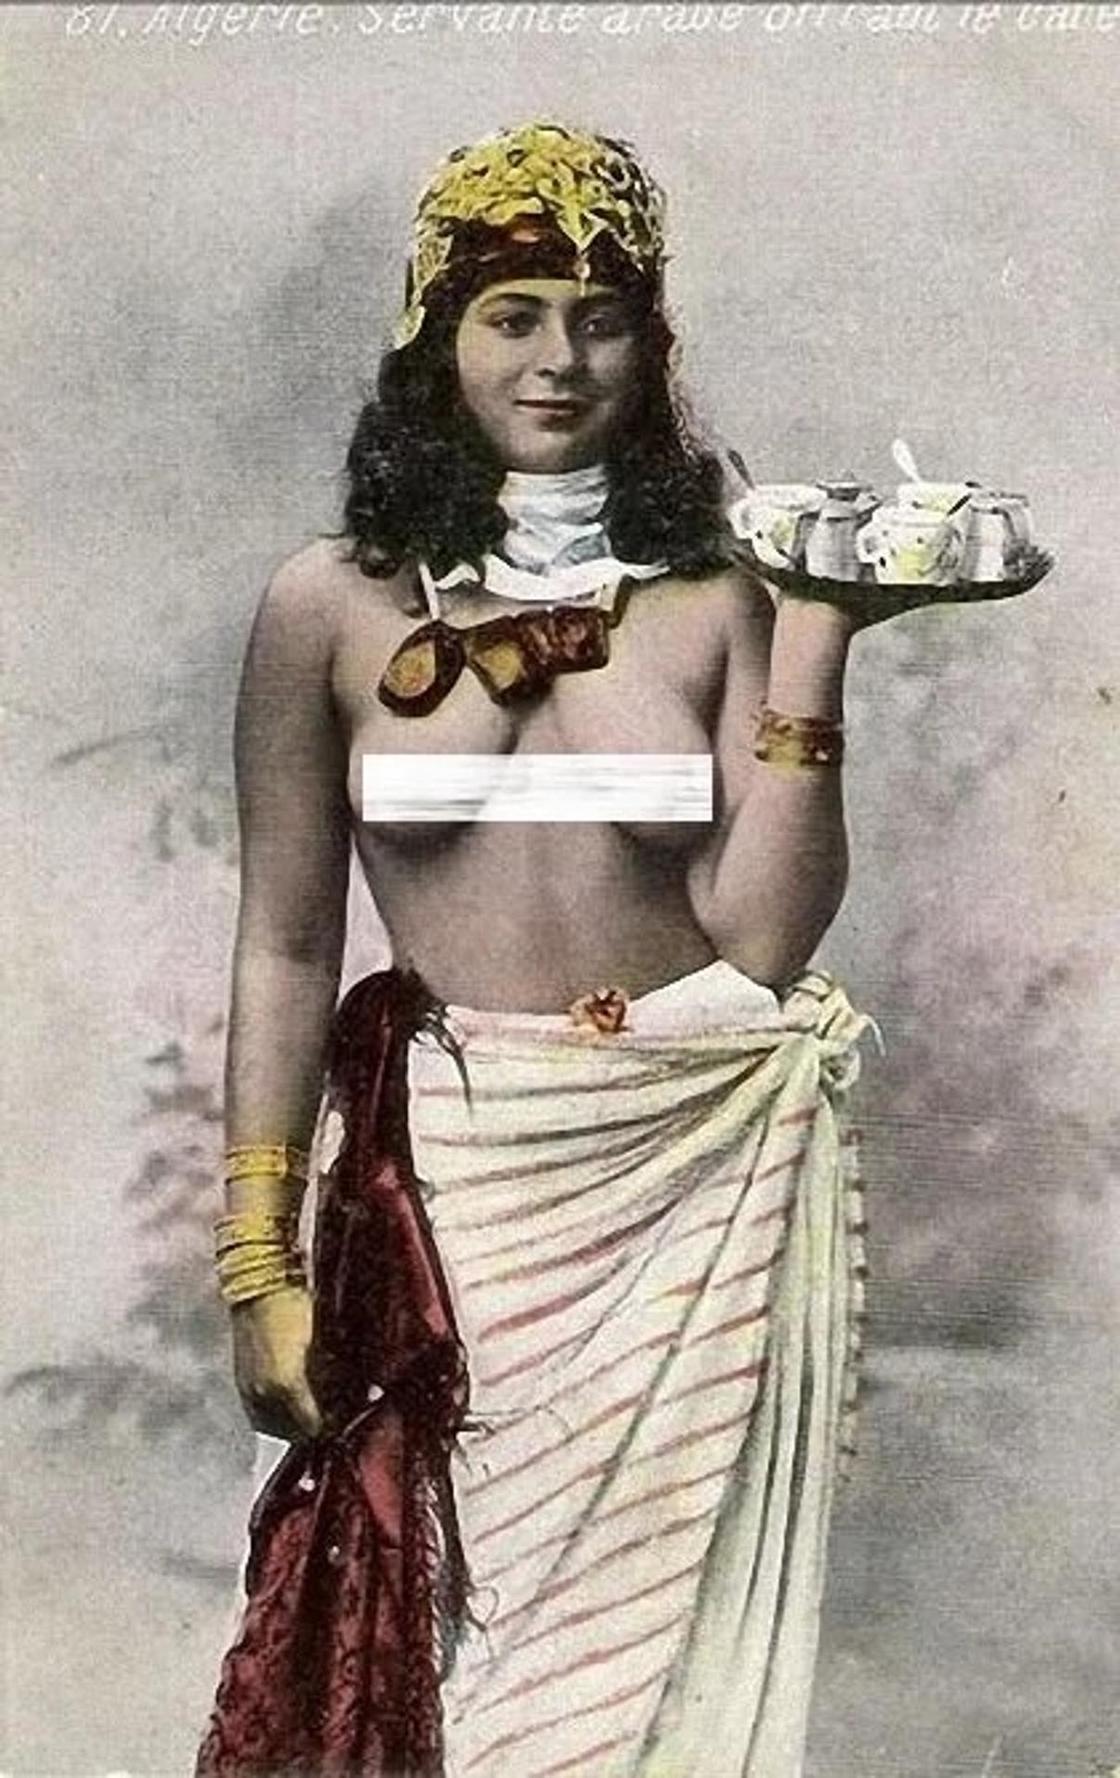 ХХ ғасырдағы араб қыздарының эротикалық суреттері жария болды